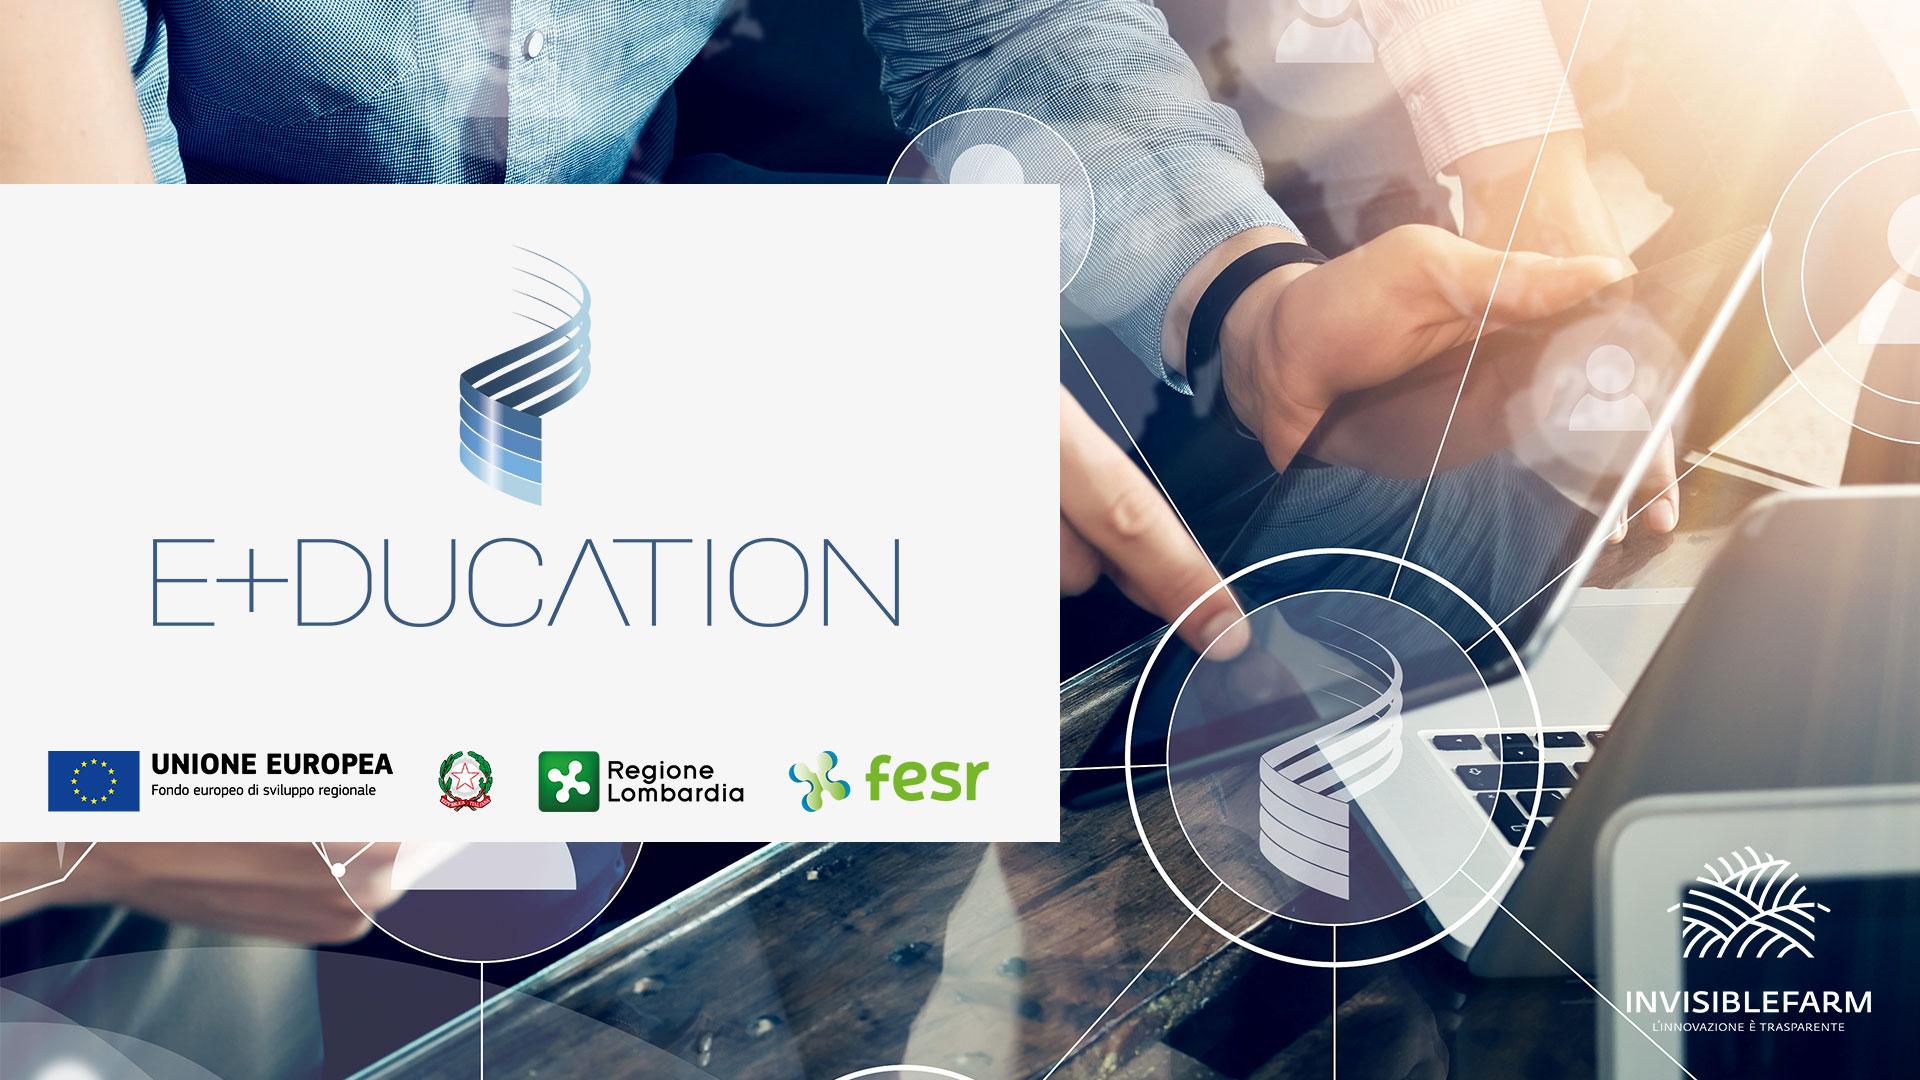 La suite per la formazione E+DUCATION